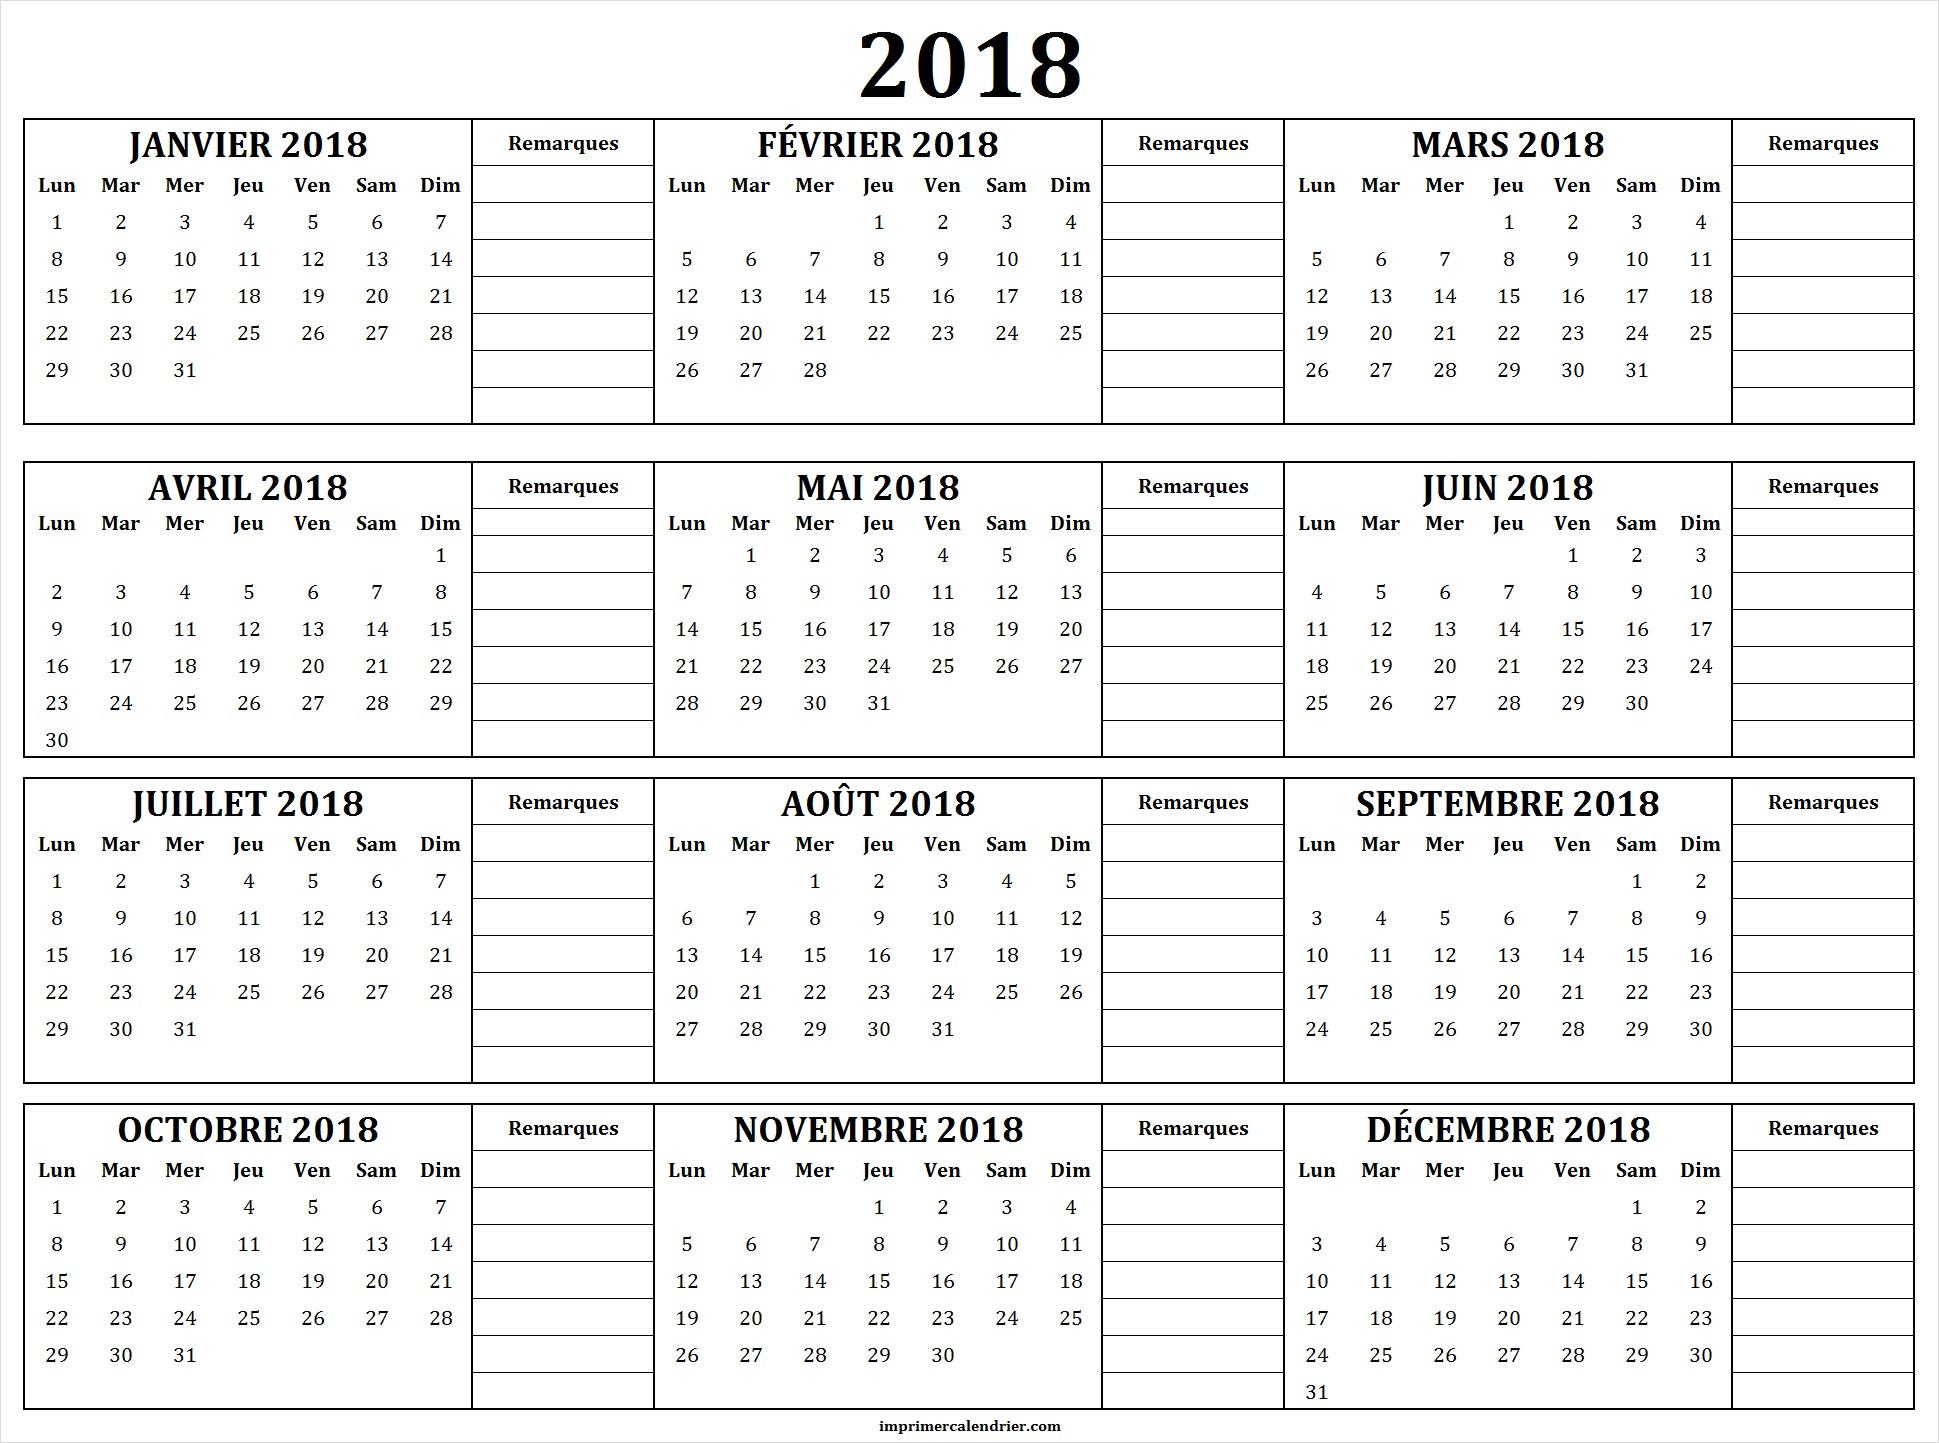 Calendrier 2018 À Imprimer Gratuit | Calendrier Pour Imprimer pour Calendrier Annuel 2018 À Imprimer Gratuit